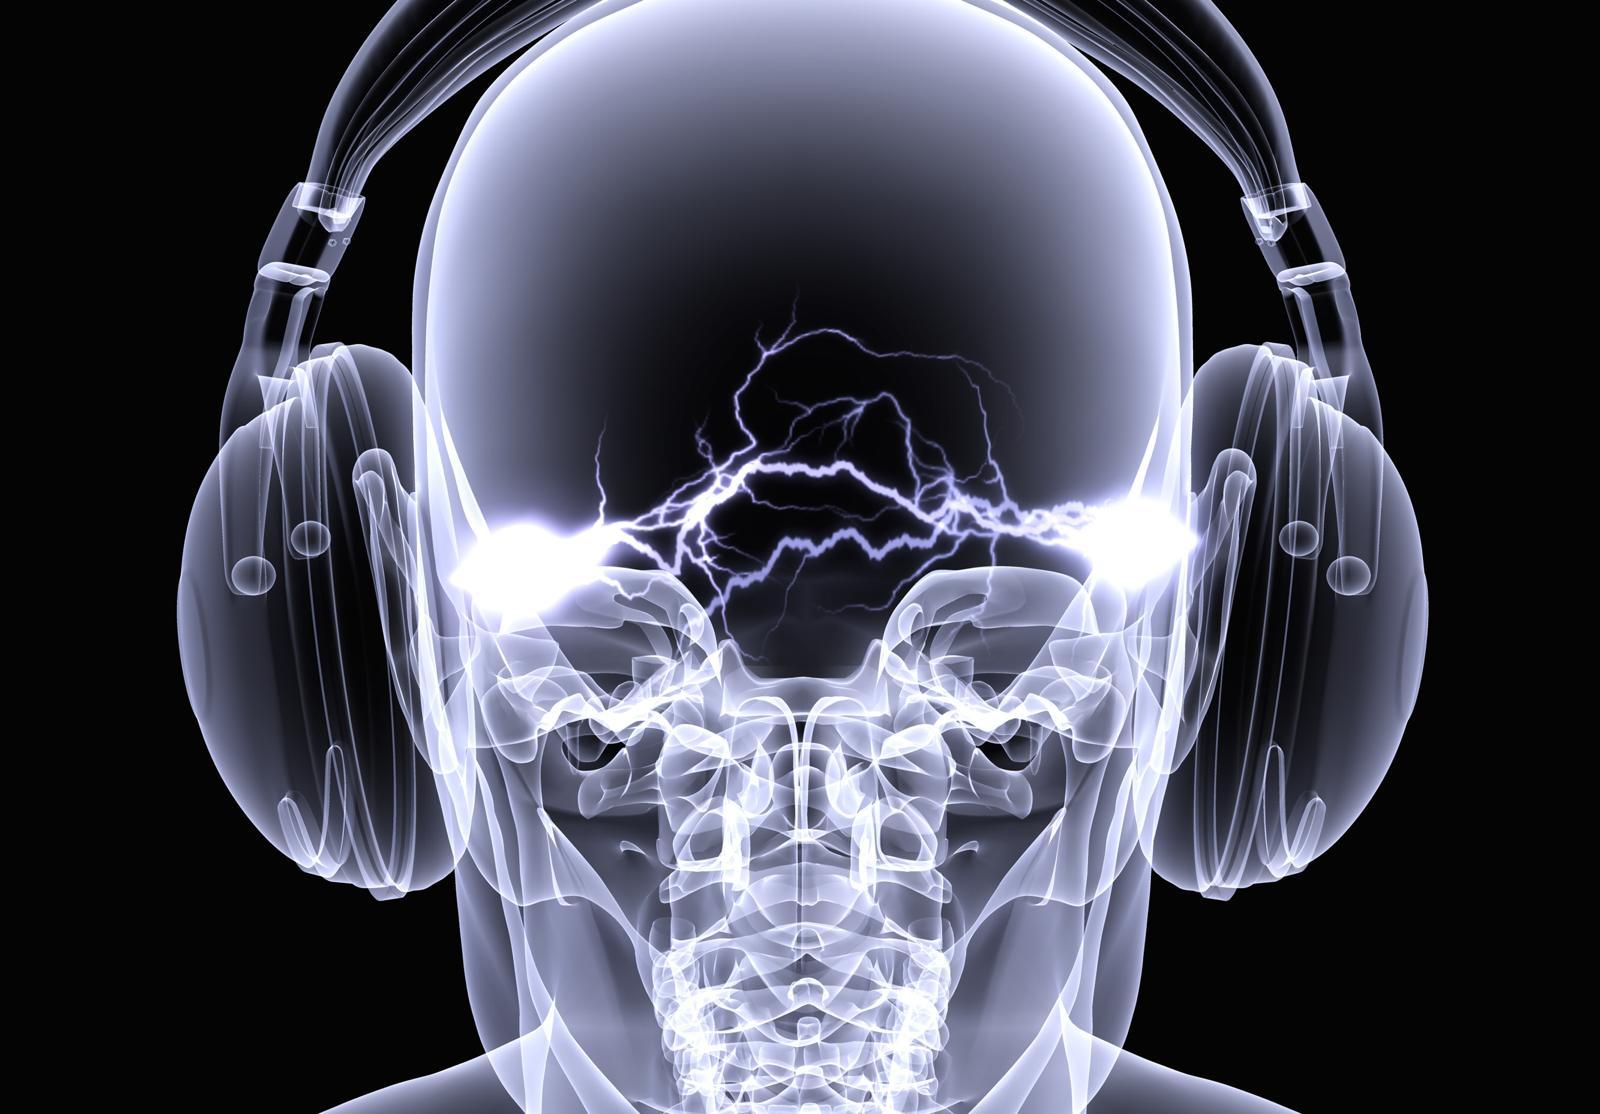 Comporre musica con la mente? La ricerca dice sì!